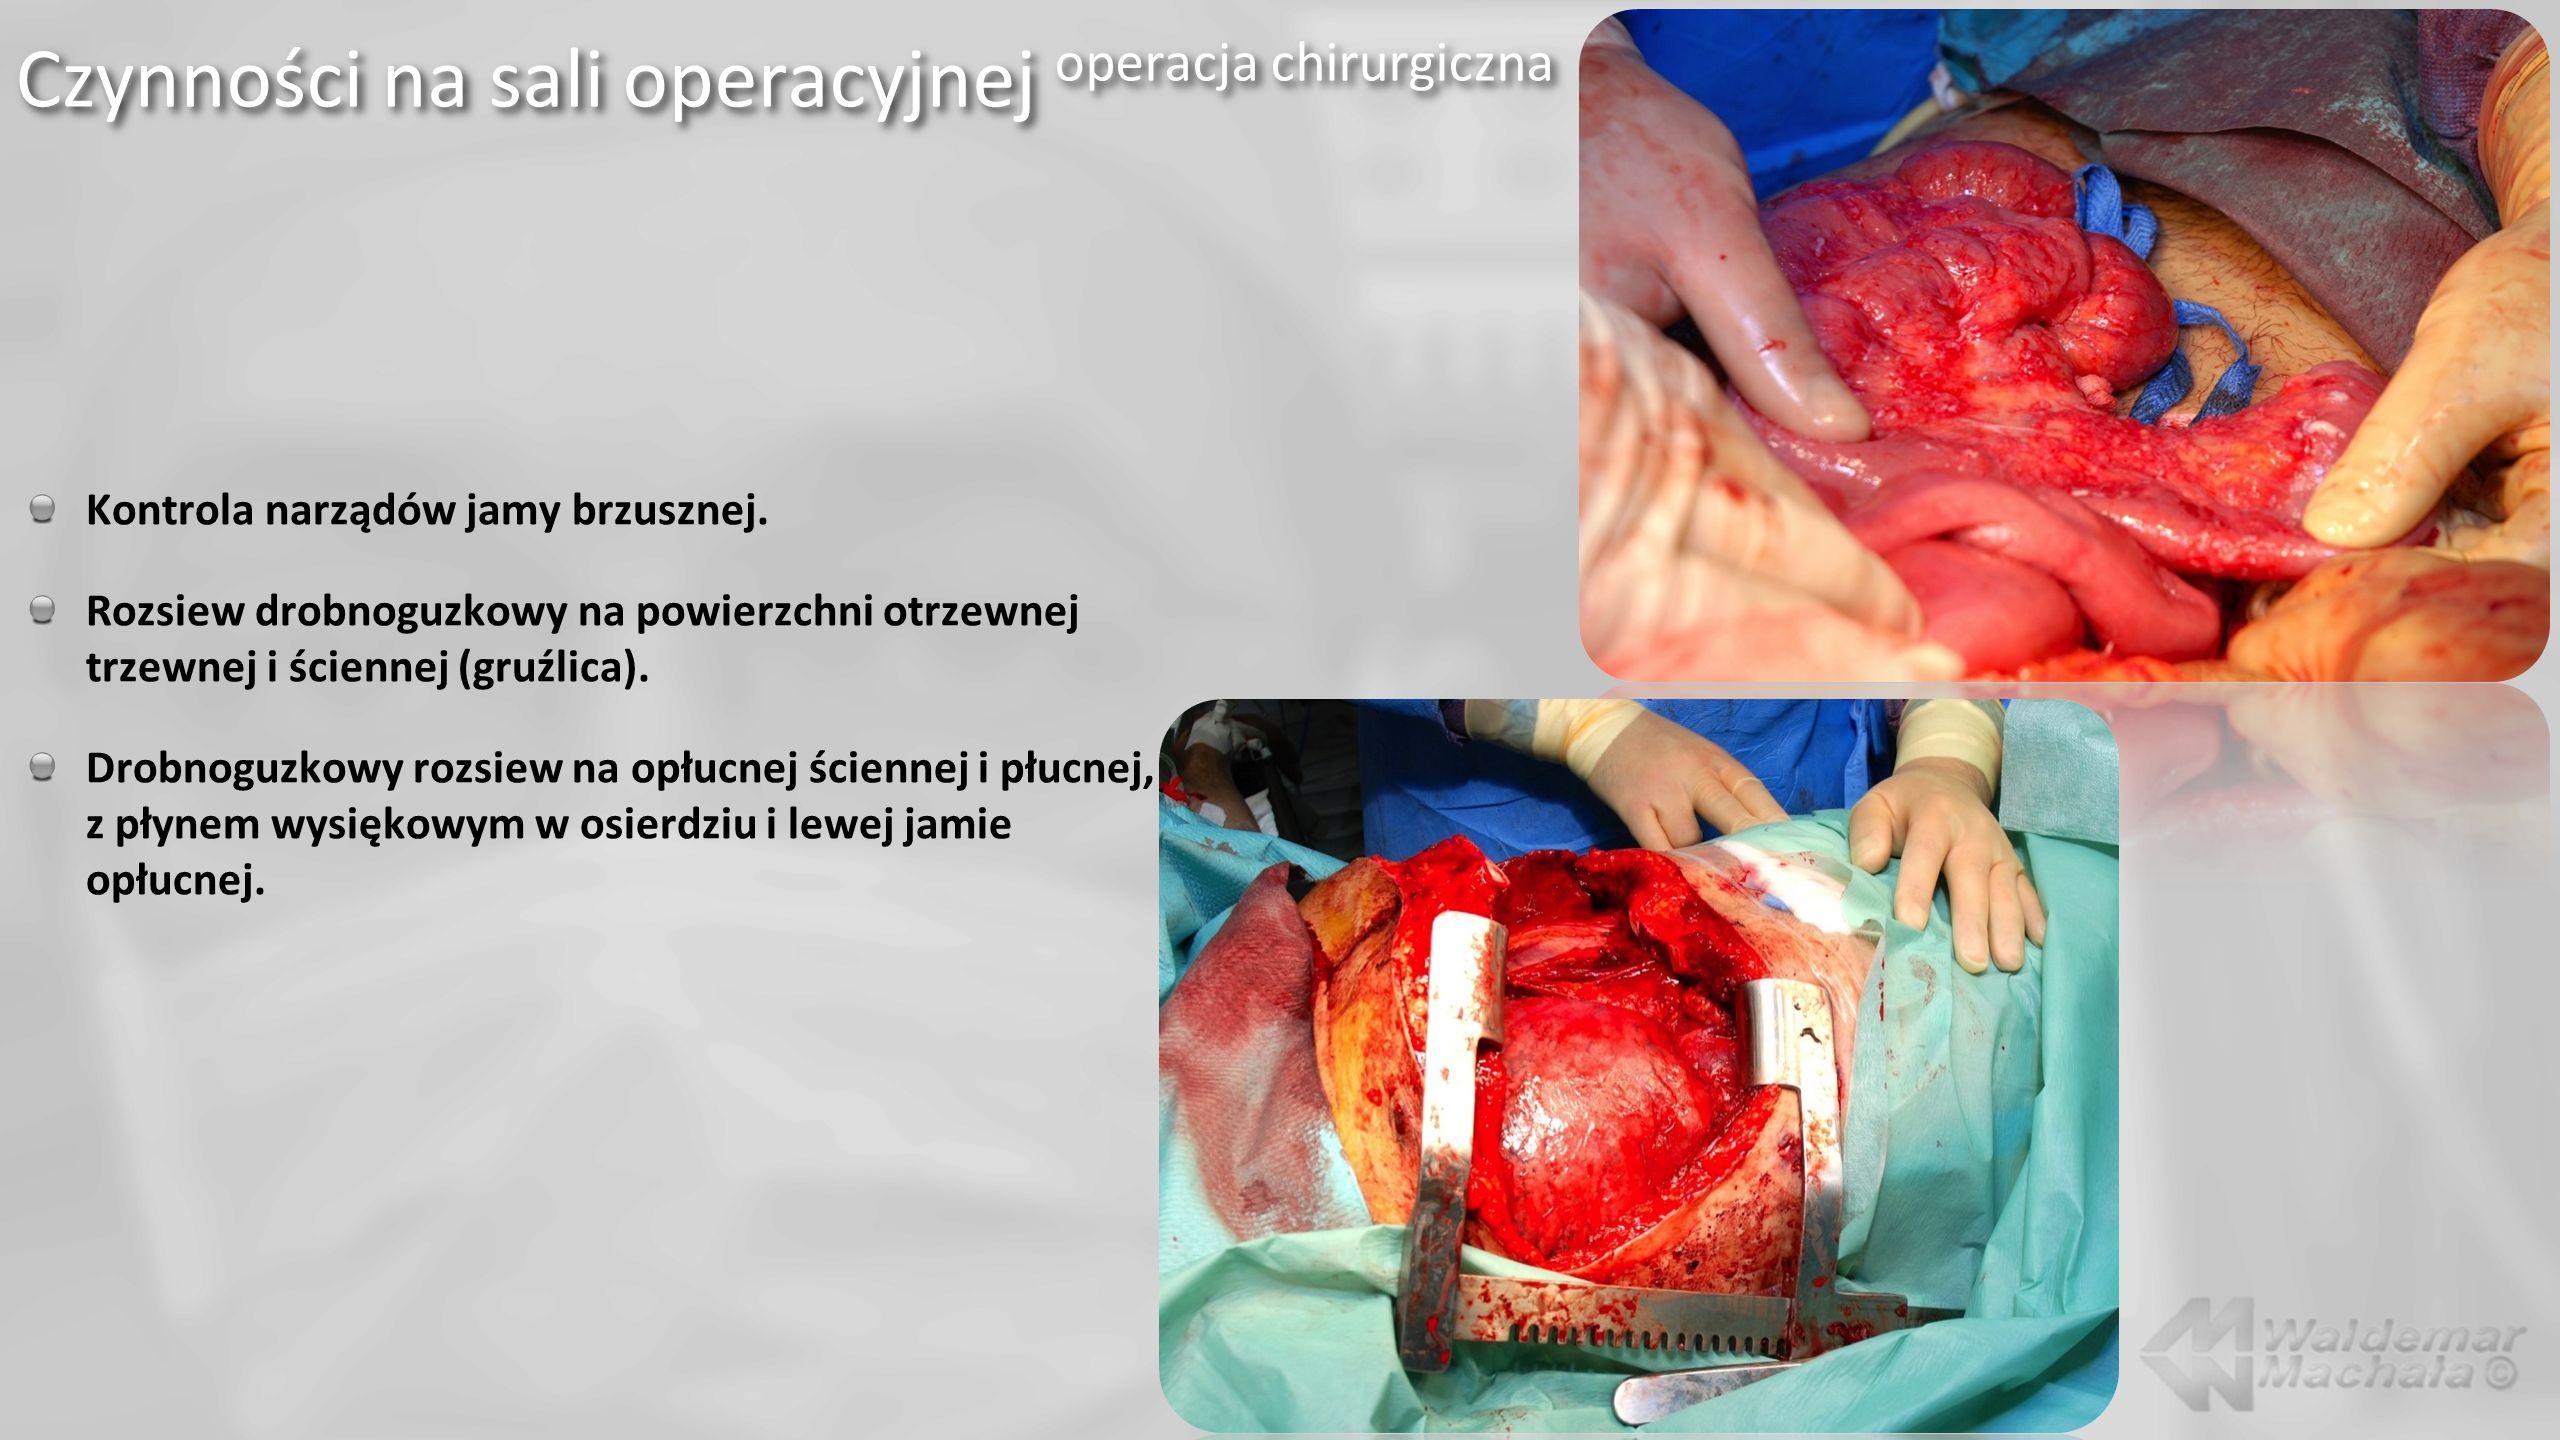 Kontrola narządów jamy brzusznej. Rozsiew drobnoguzkowy na powierzchni otrzewnej trzewnej i ściennej (gruźlica). Drobnoguzkowy rozsiew na opłucnej ści